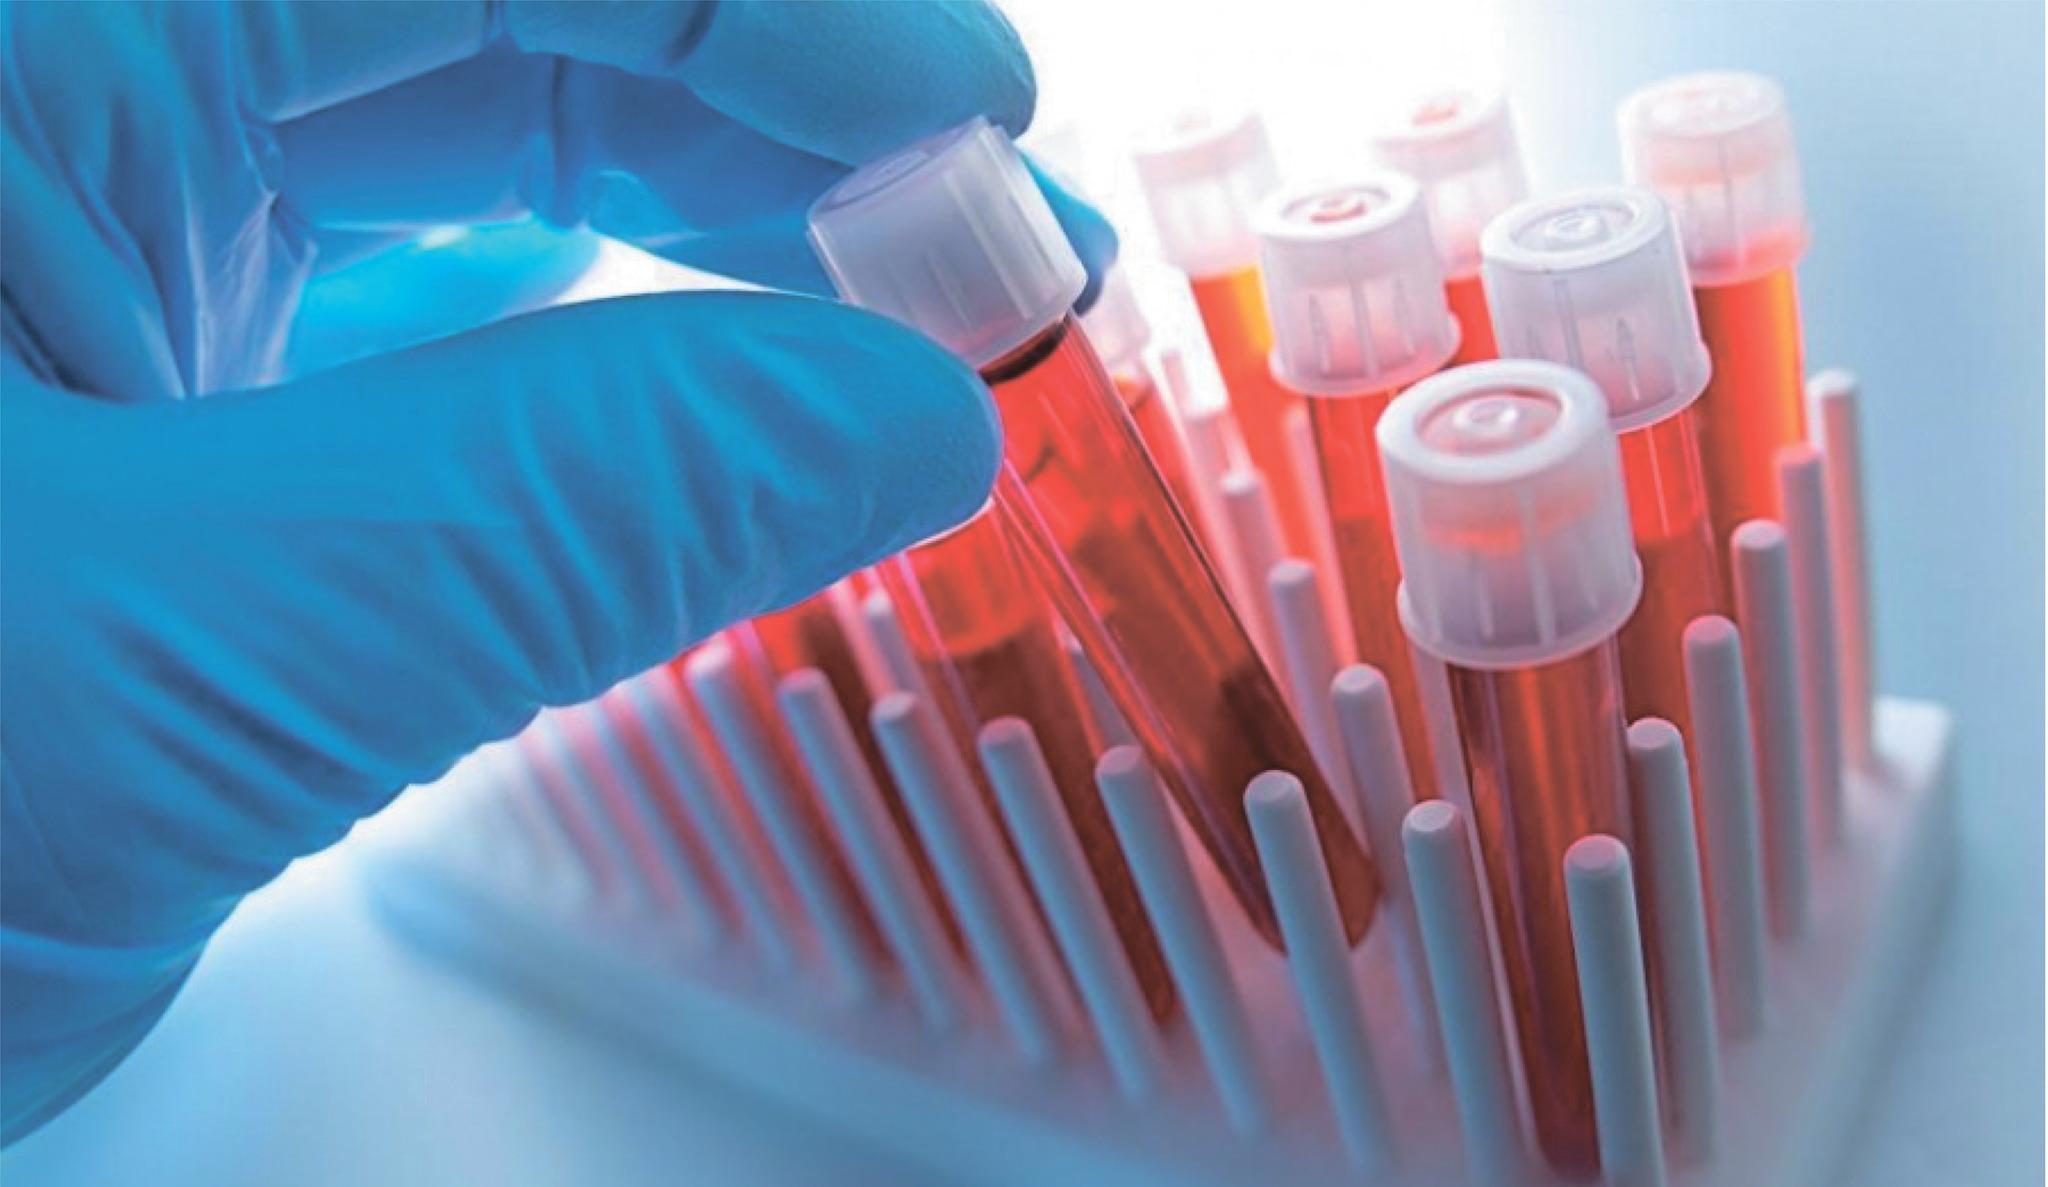 Образовательный Семинар «Новые препараты, новые комбинации для лечения лимфопролиферативных новообразований»